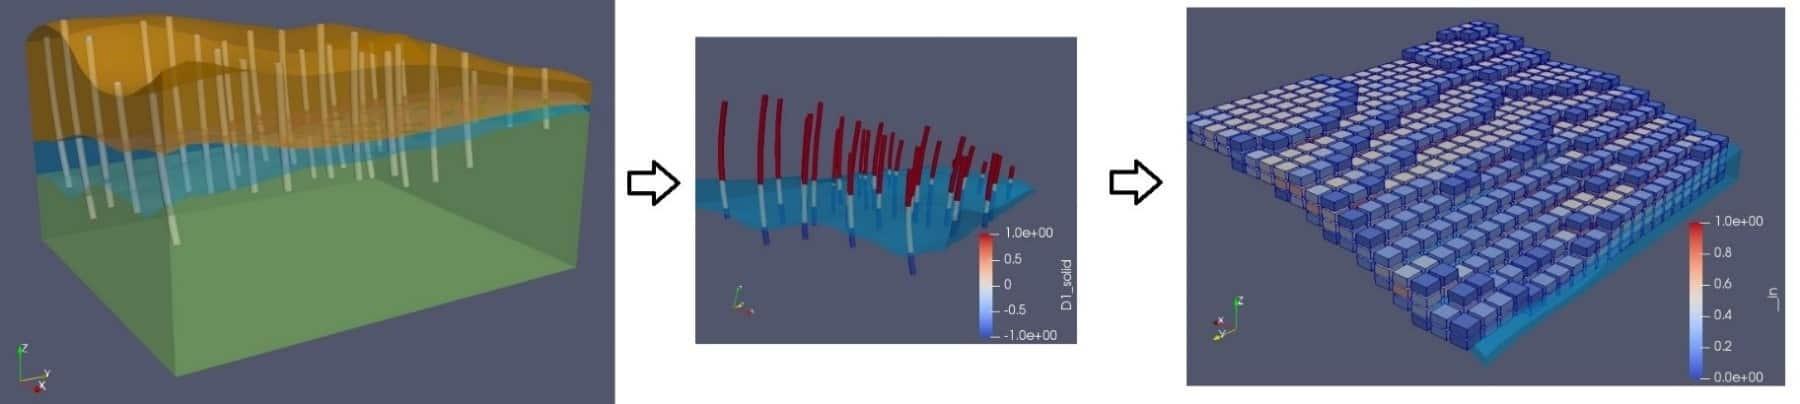 Bloques en dominio 1 coloreado con porcentaje dentro del sólido.